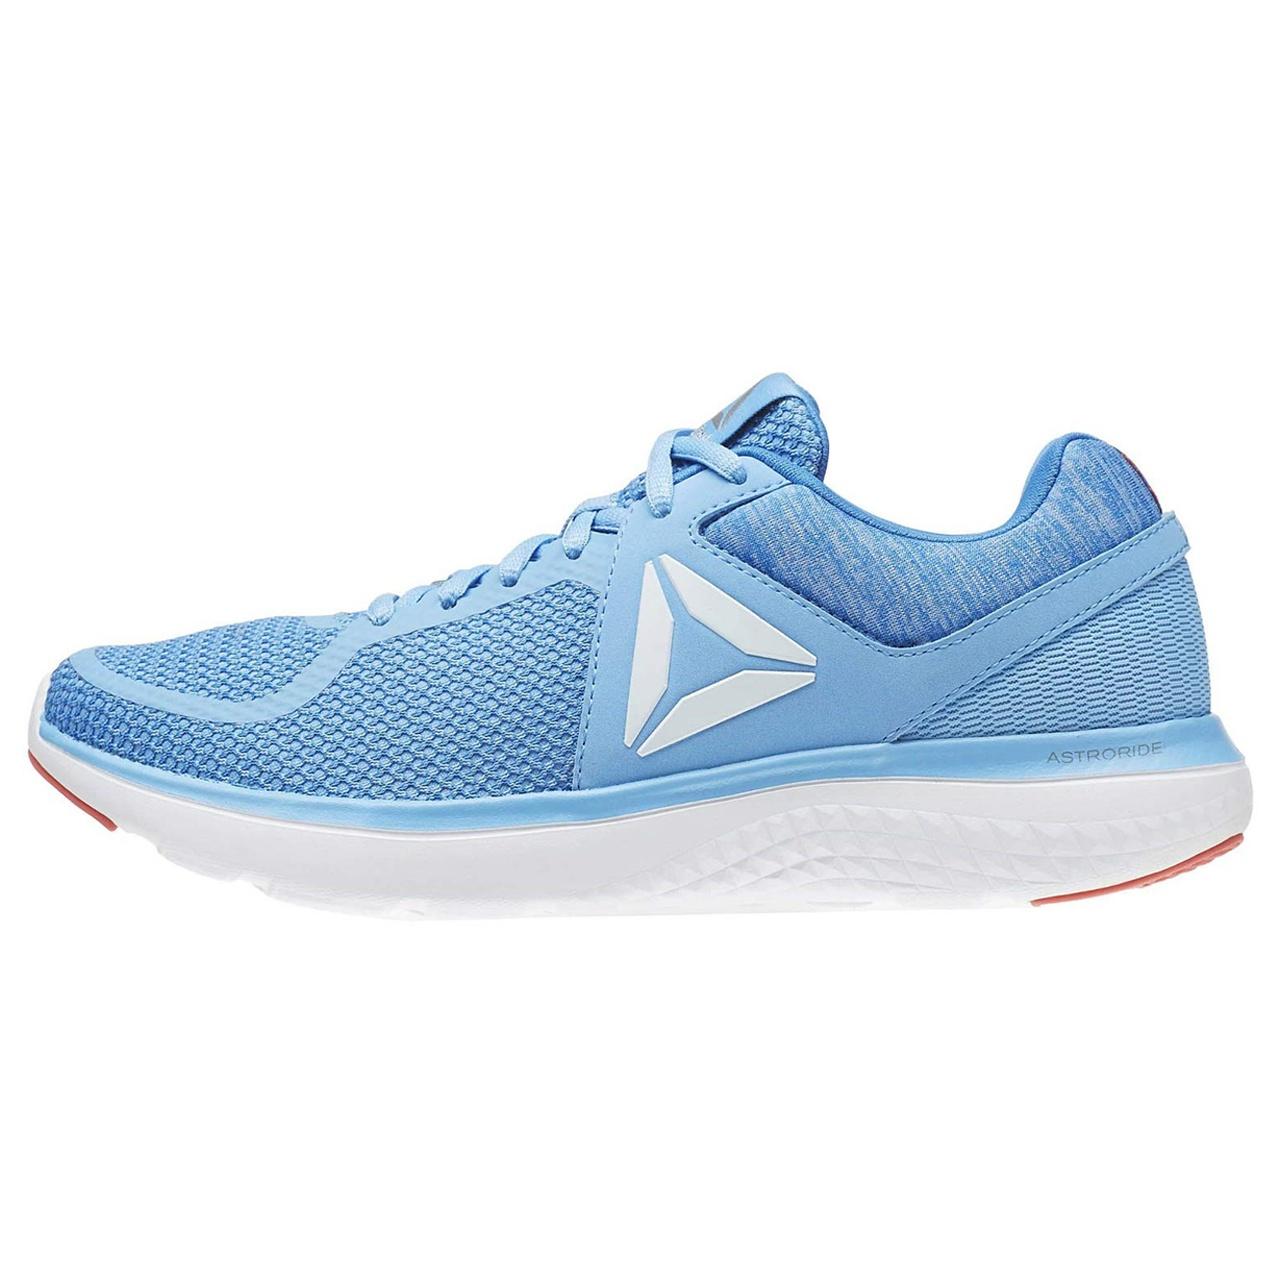 کفش مخصوص دویدن زنانه ریباک مدل Astrofoam Tennis